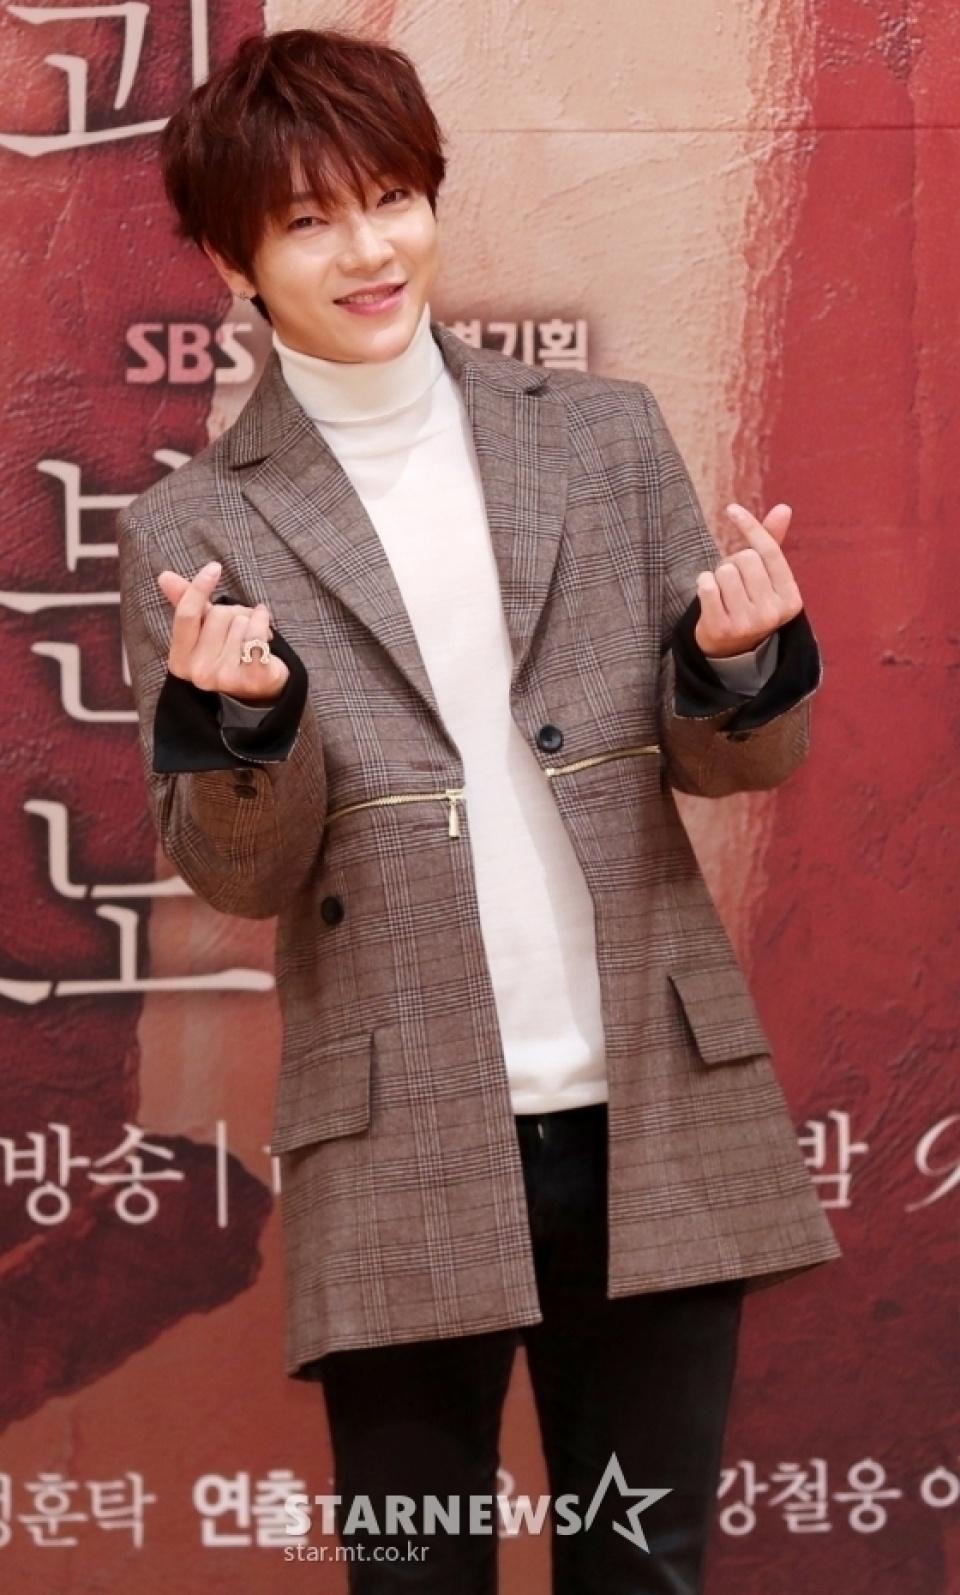 超新星ユナク、コロナ感染…韓国芸能時初の事例